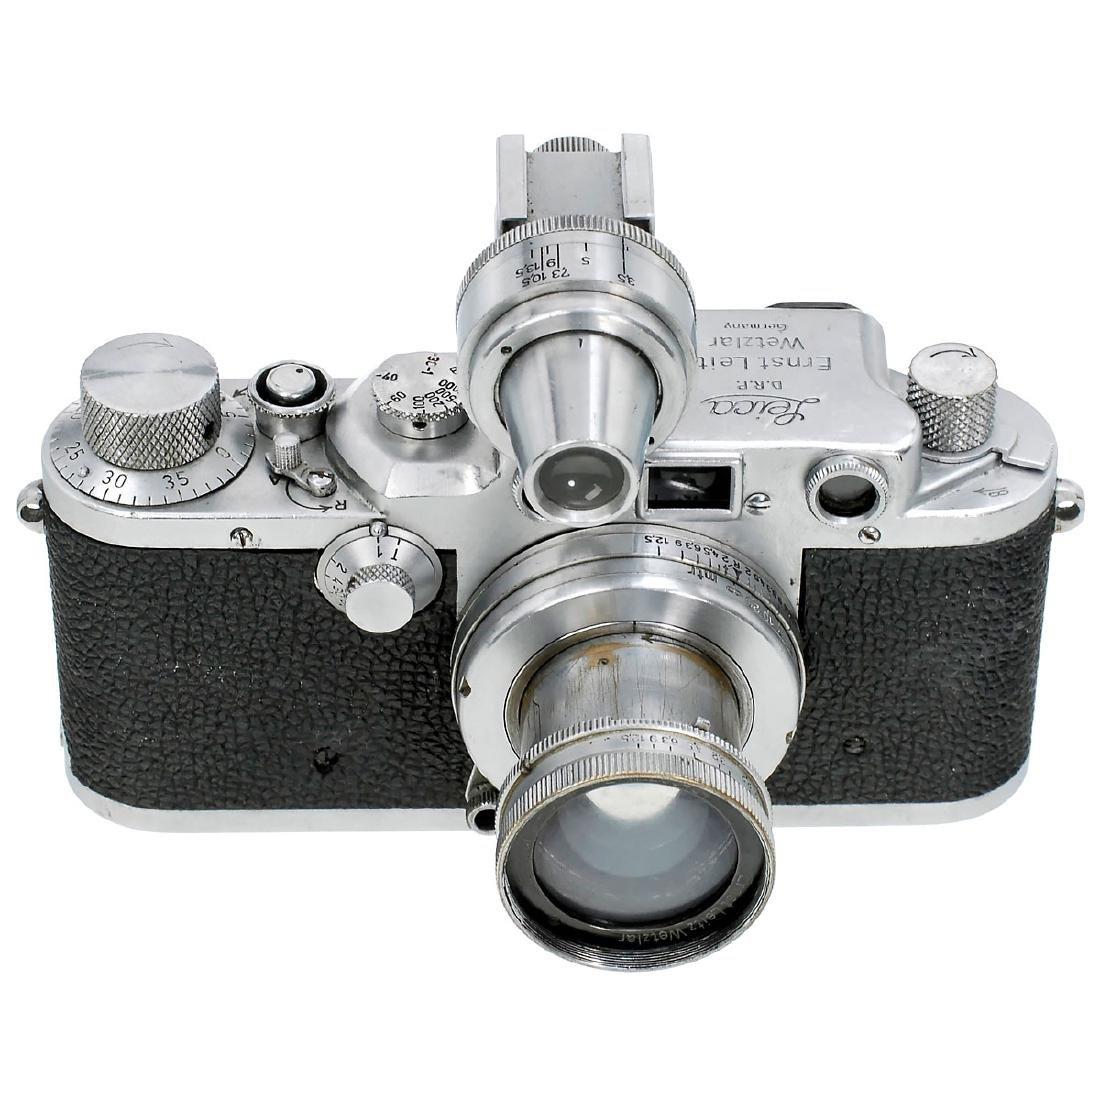 Leica IIIc with Summar 2/5 cm, 1949